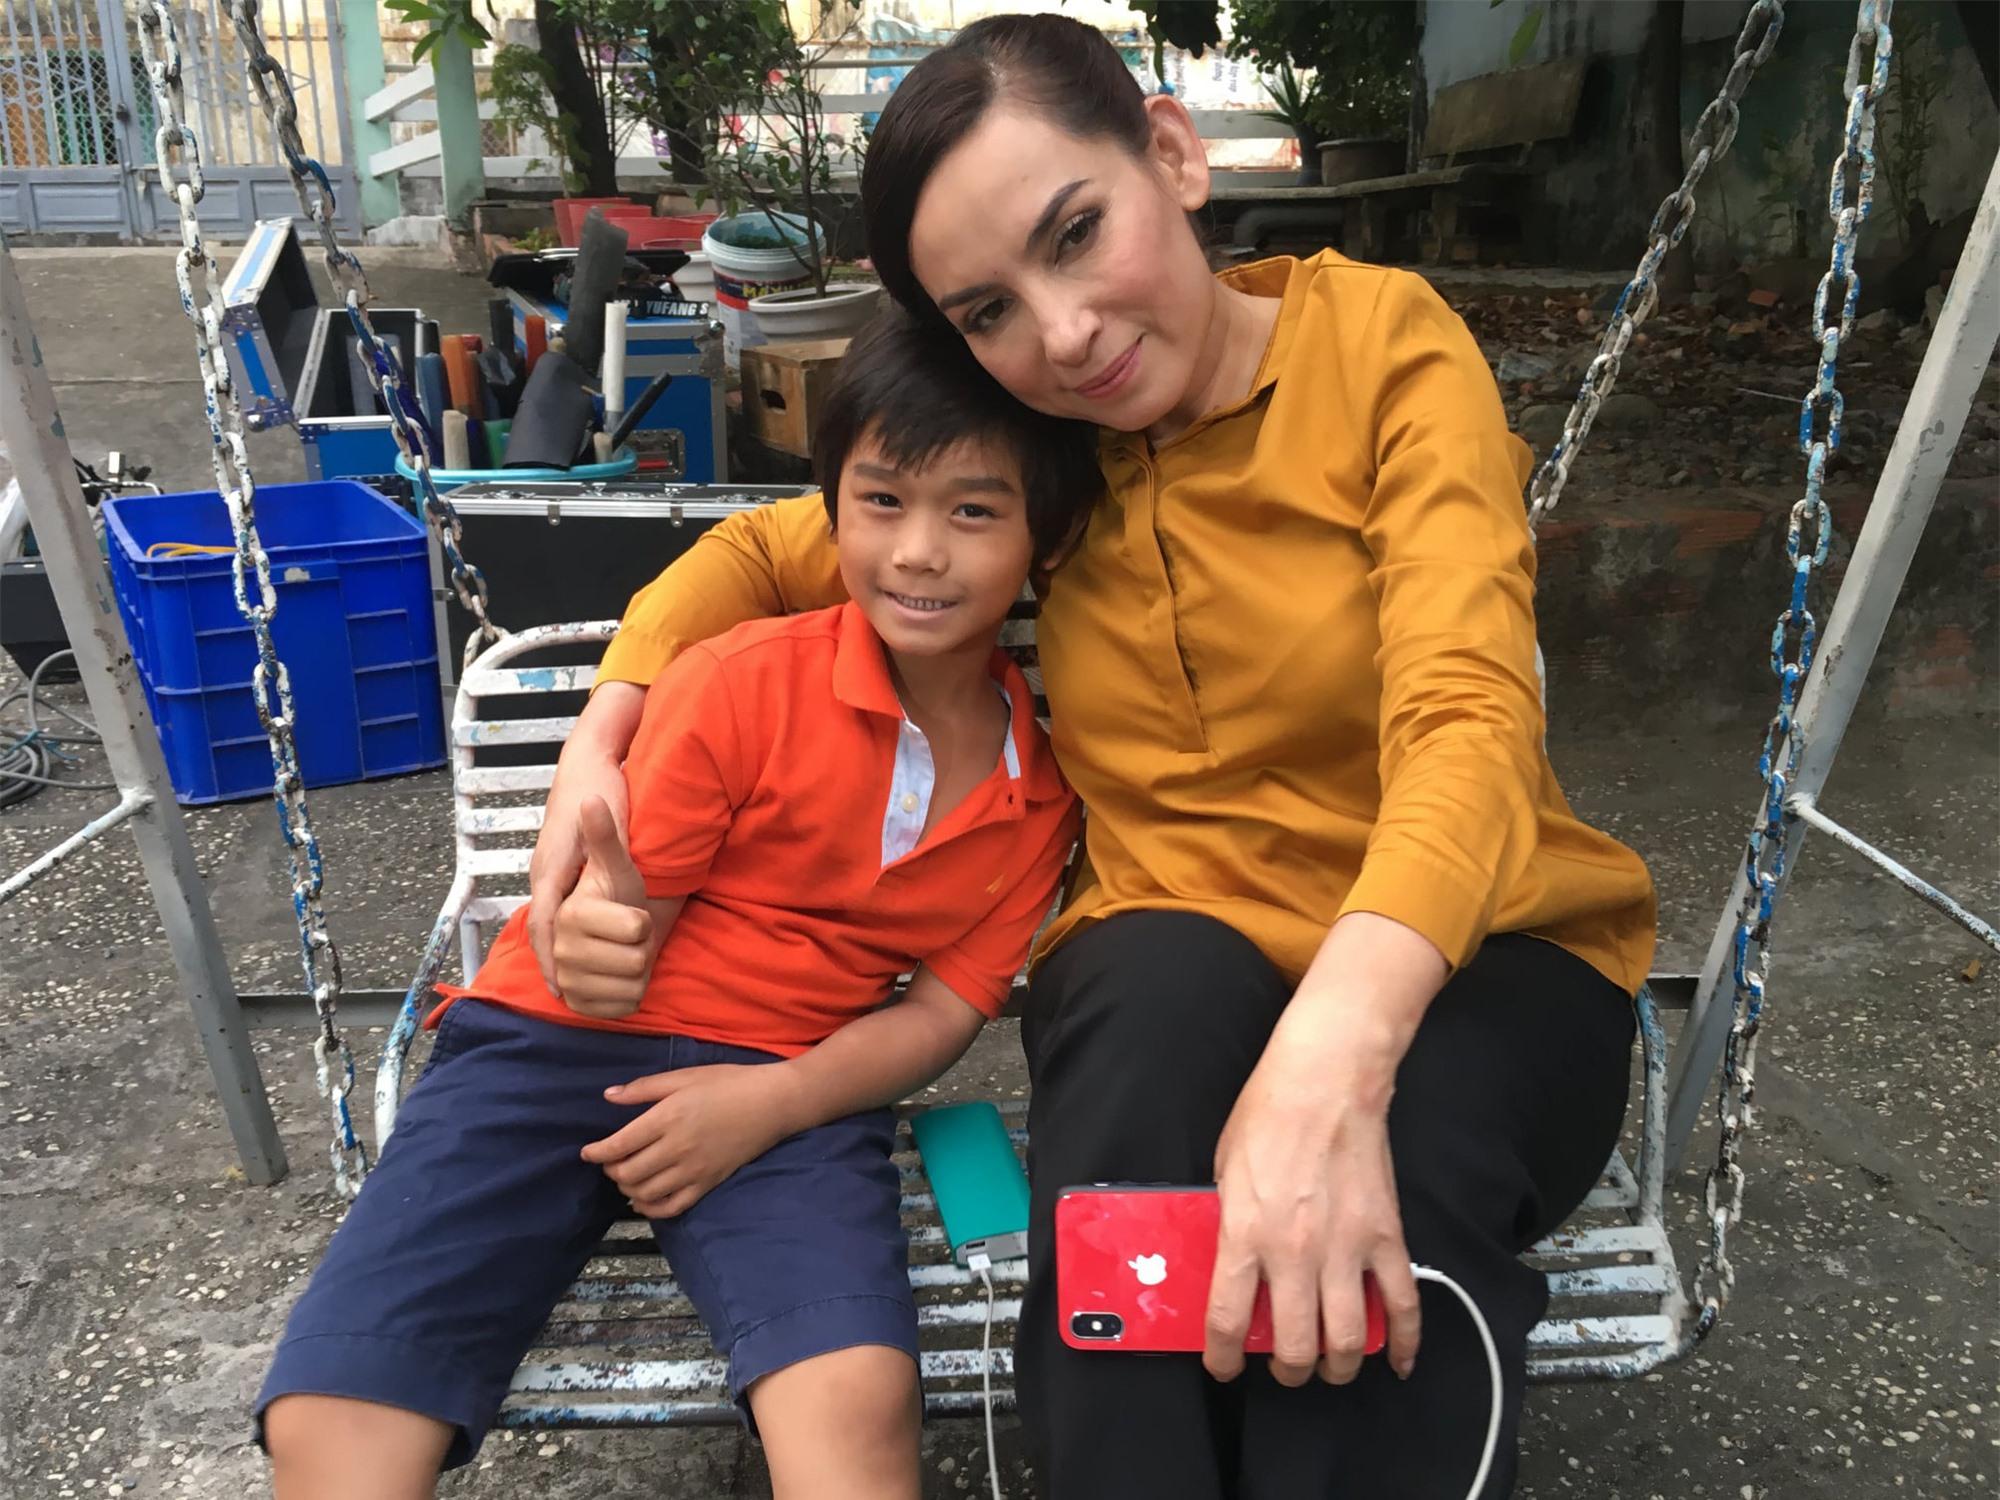 Bố diễn viên nhí Huy Khang chia sẻ bất ngờ về con người Phi Nhung - Ảnh 3.